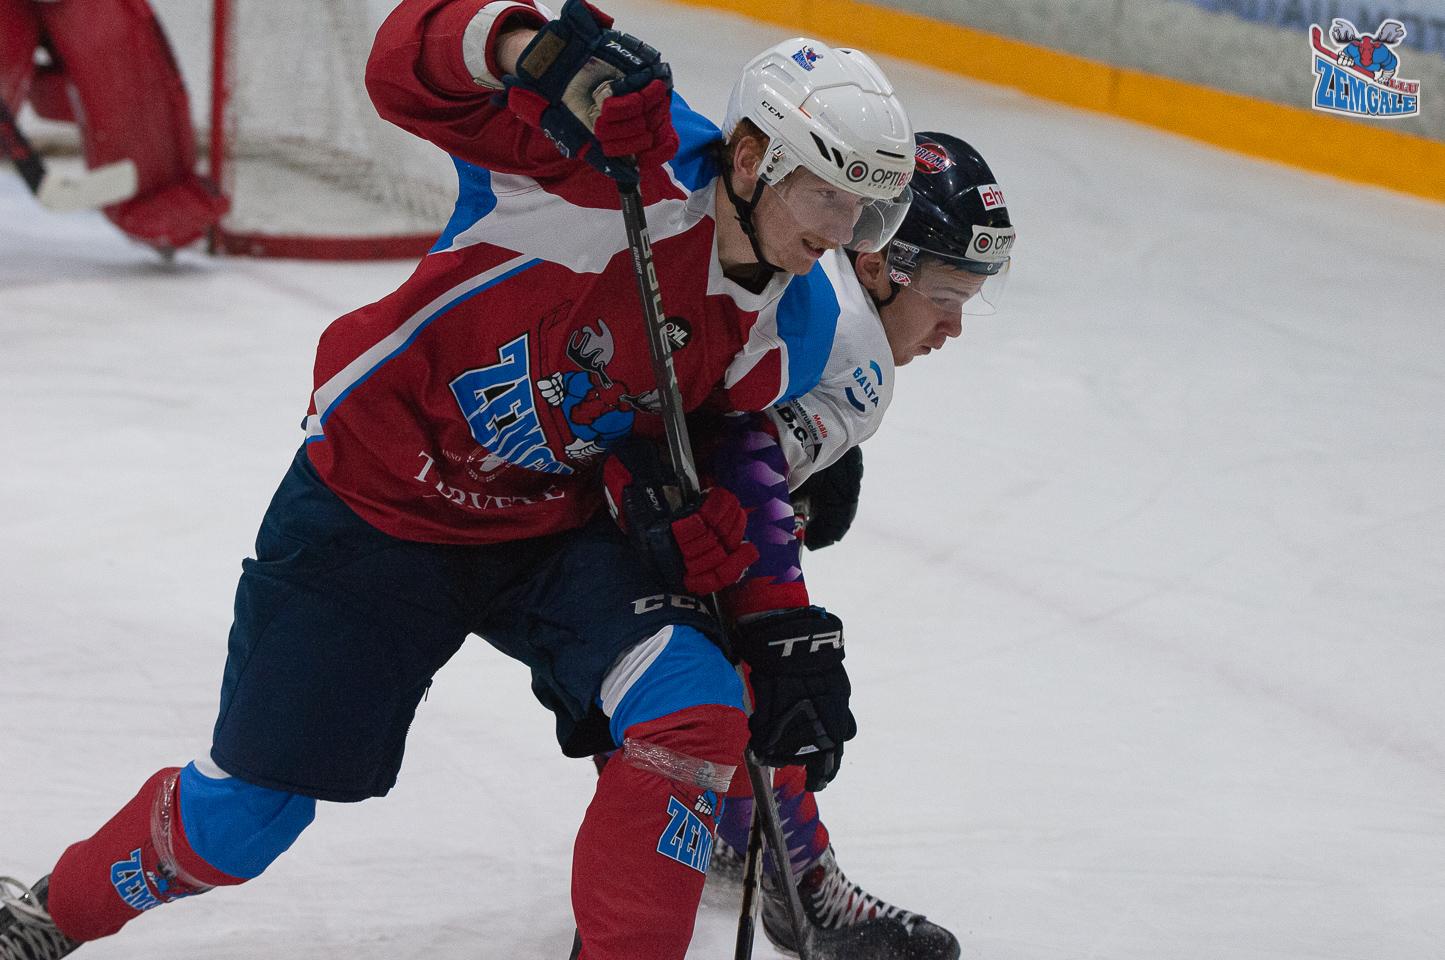 Hokejist sakļāvušies ar pleciem cīņā par ripu